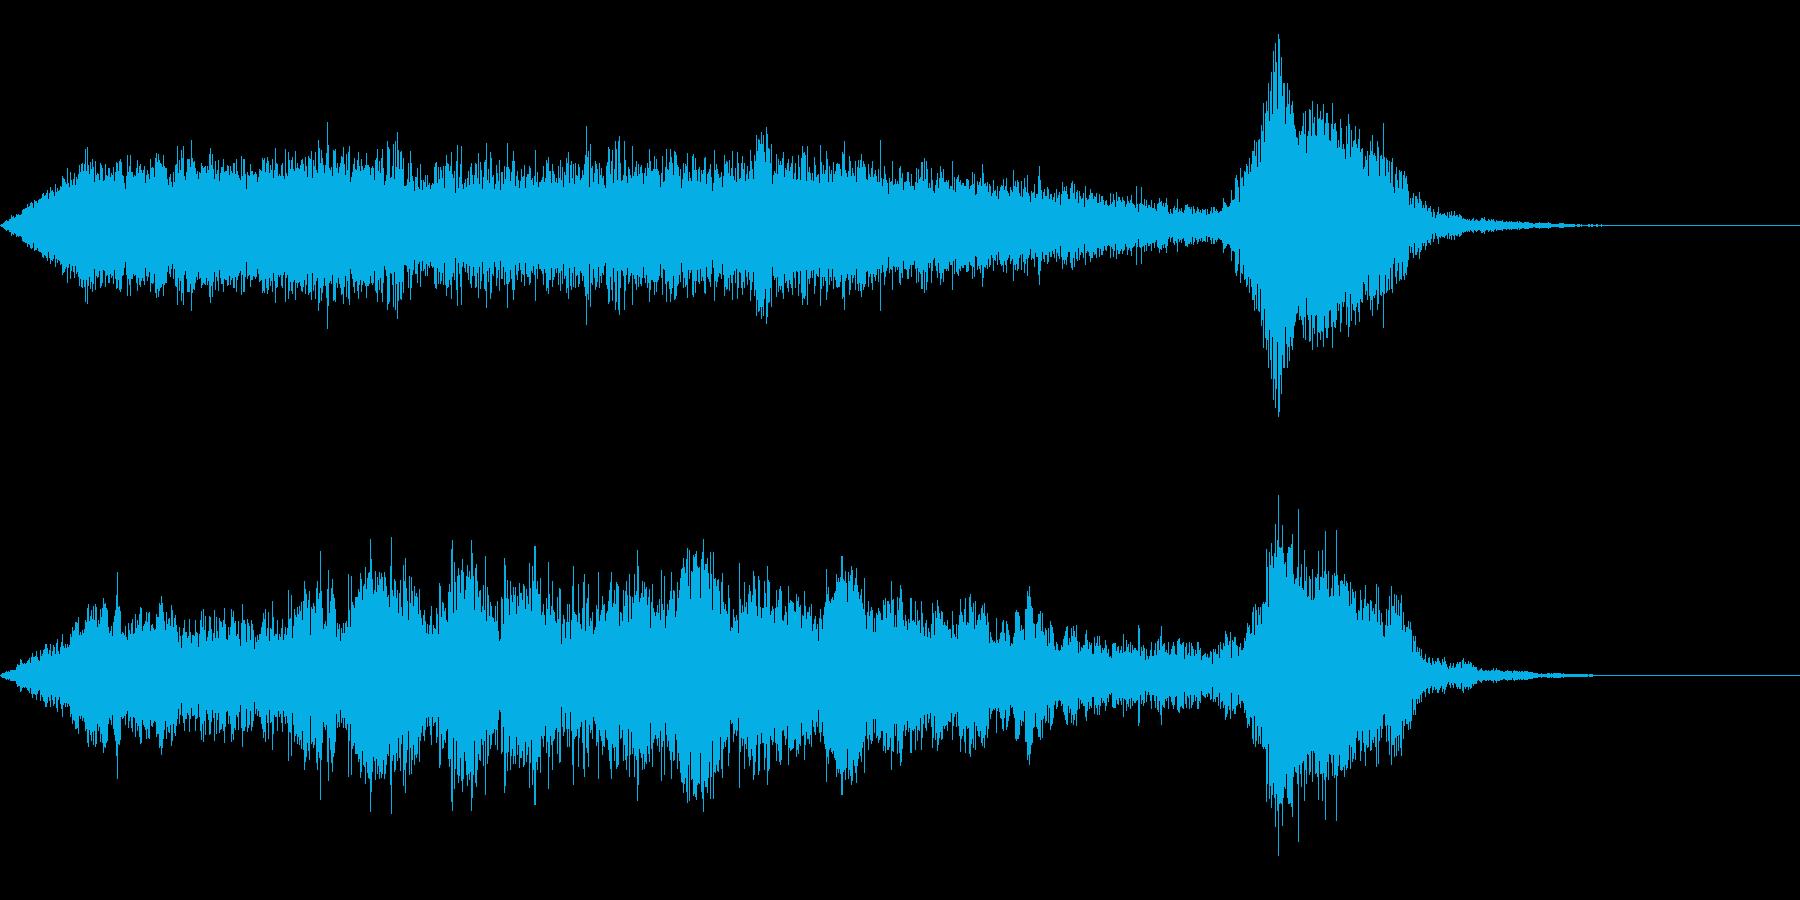 ワープ 宇宙的 未来的な効果音 04bの再生済みの波形